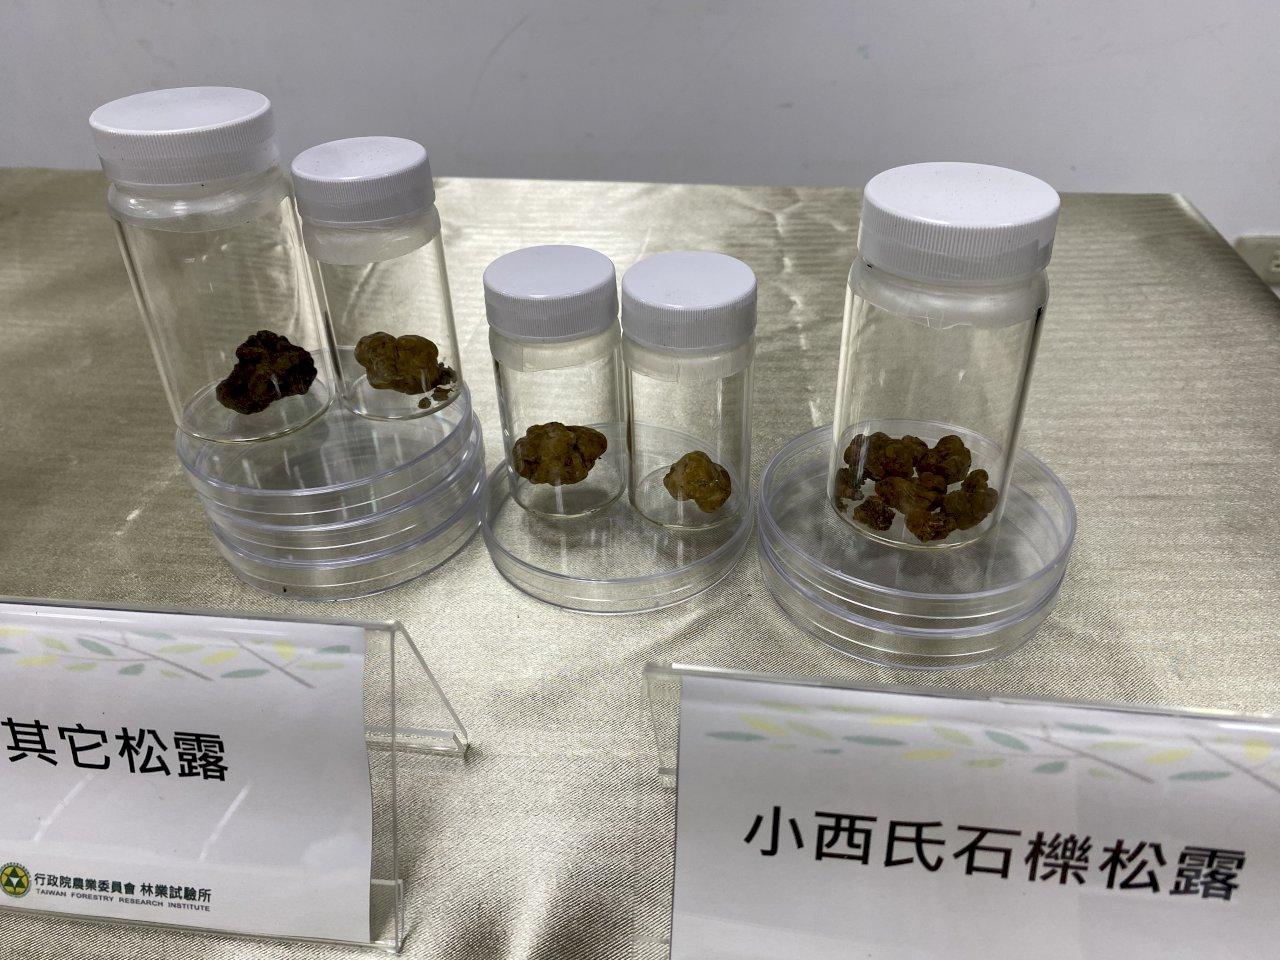 又挖出台灣原生種白松露 「餐桌上的鑽石」8年內量產不是夢(影音)